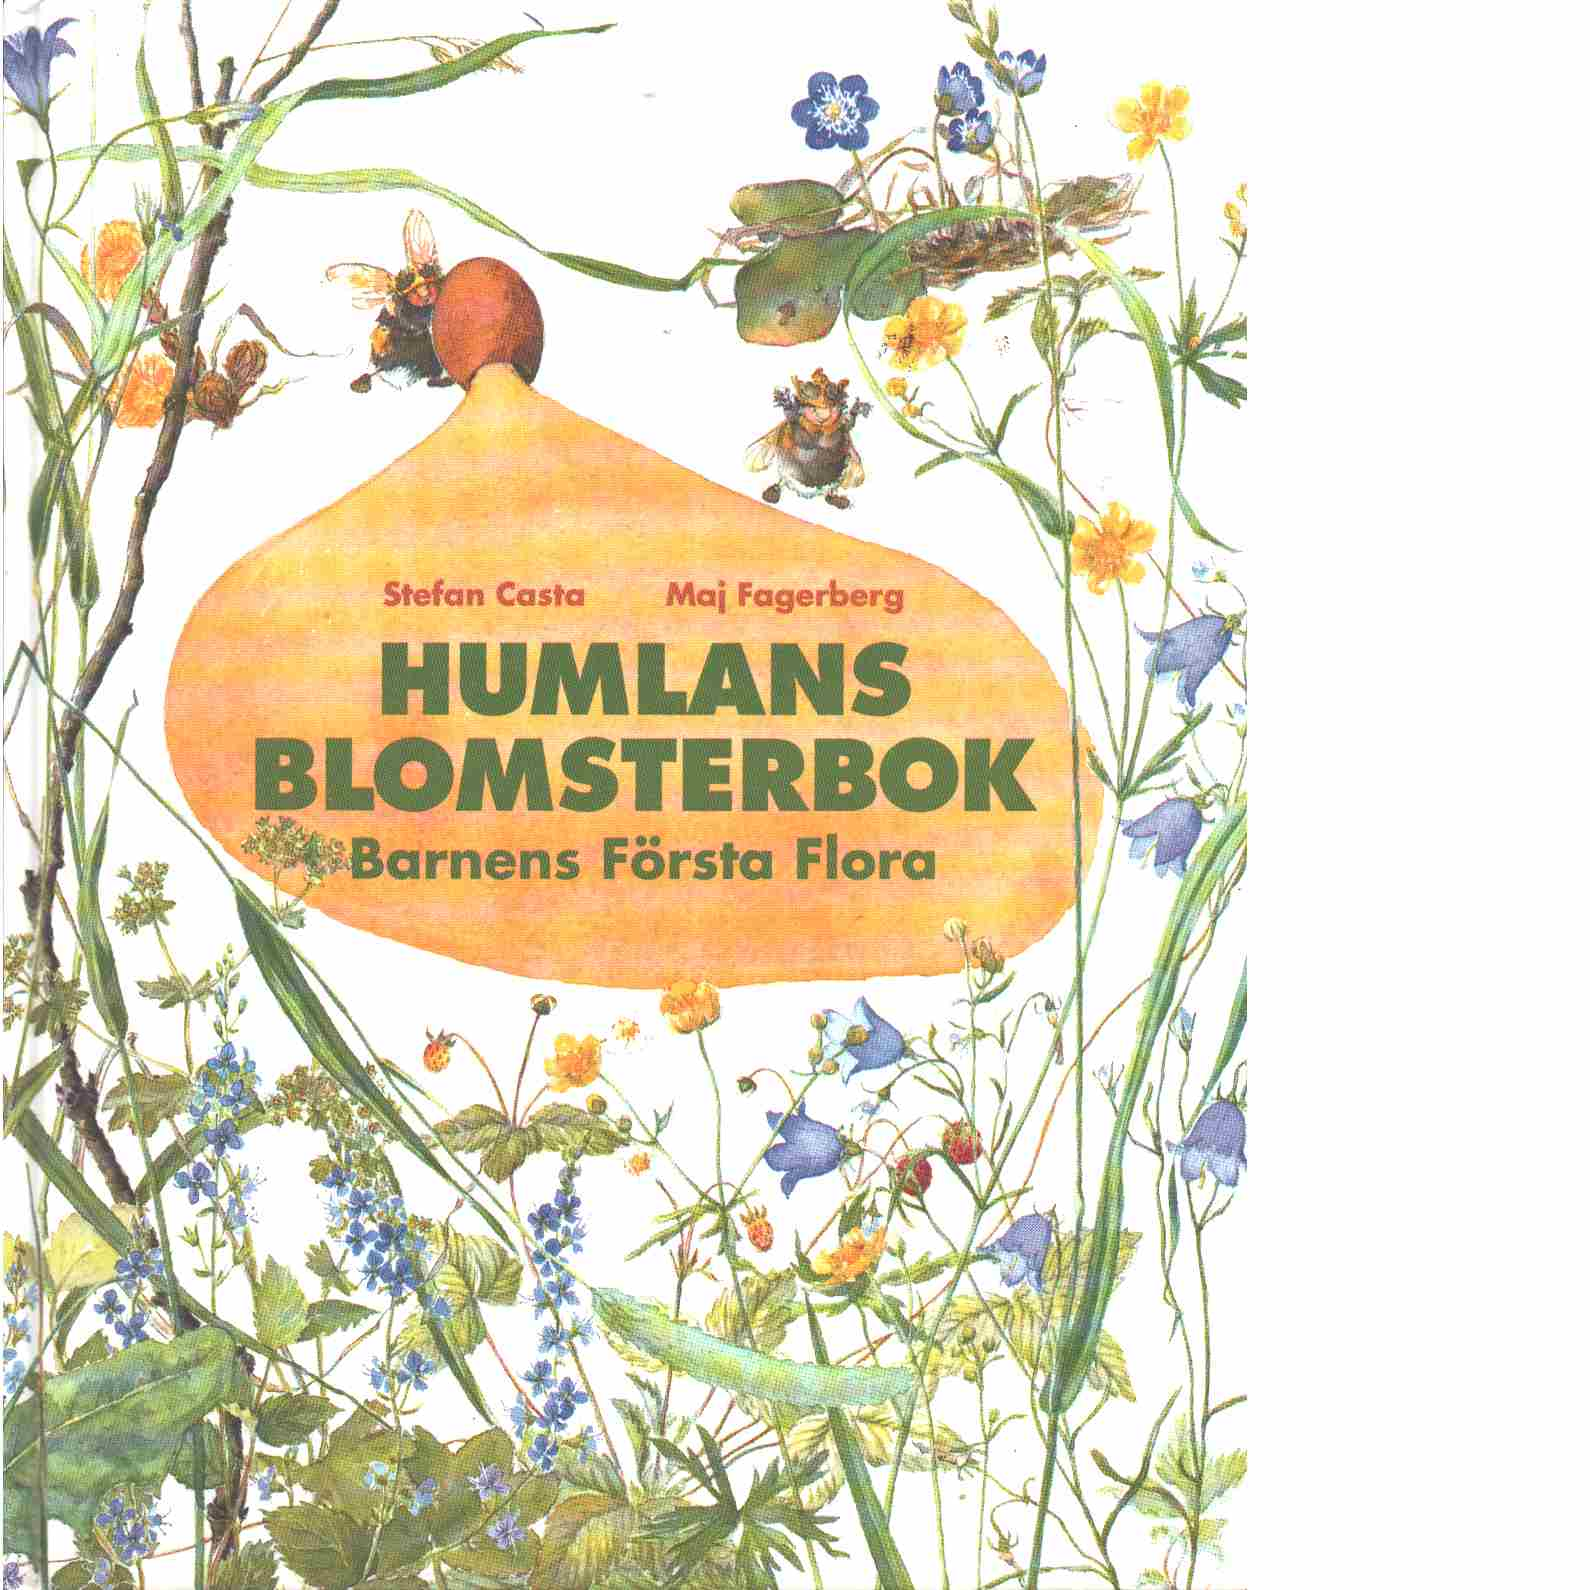 Humlans blomsterbok : barnens första flora  - Casta, Stefan och Fagerberg, Maj